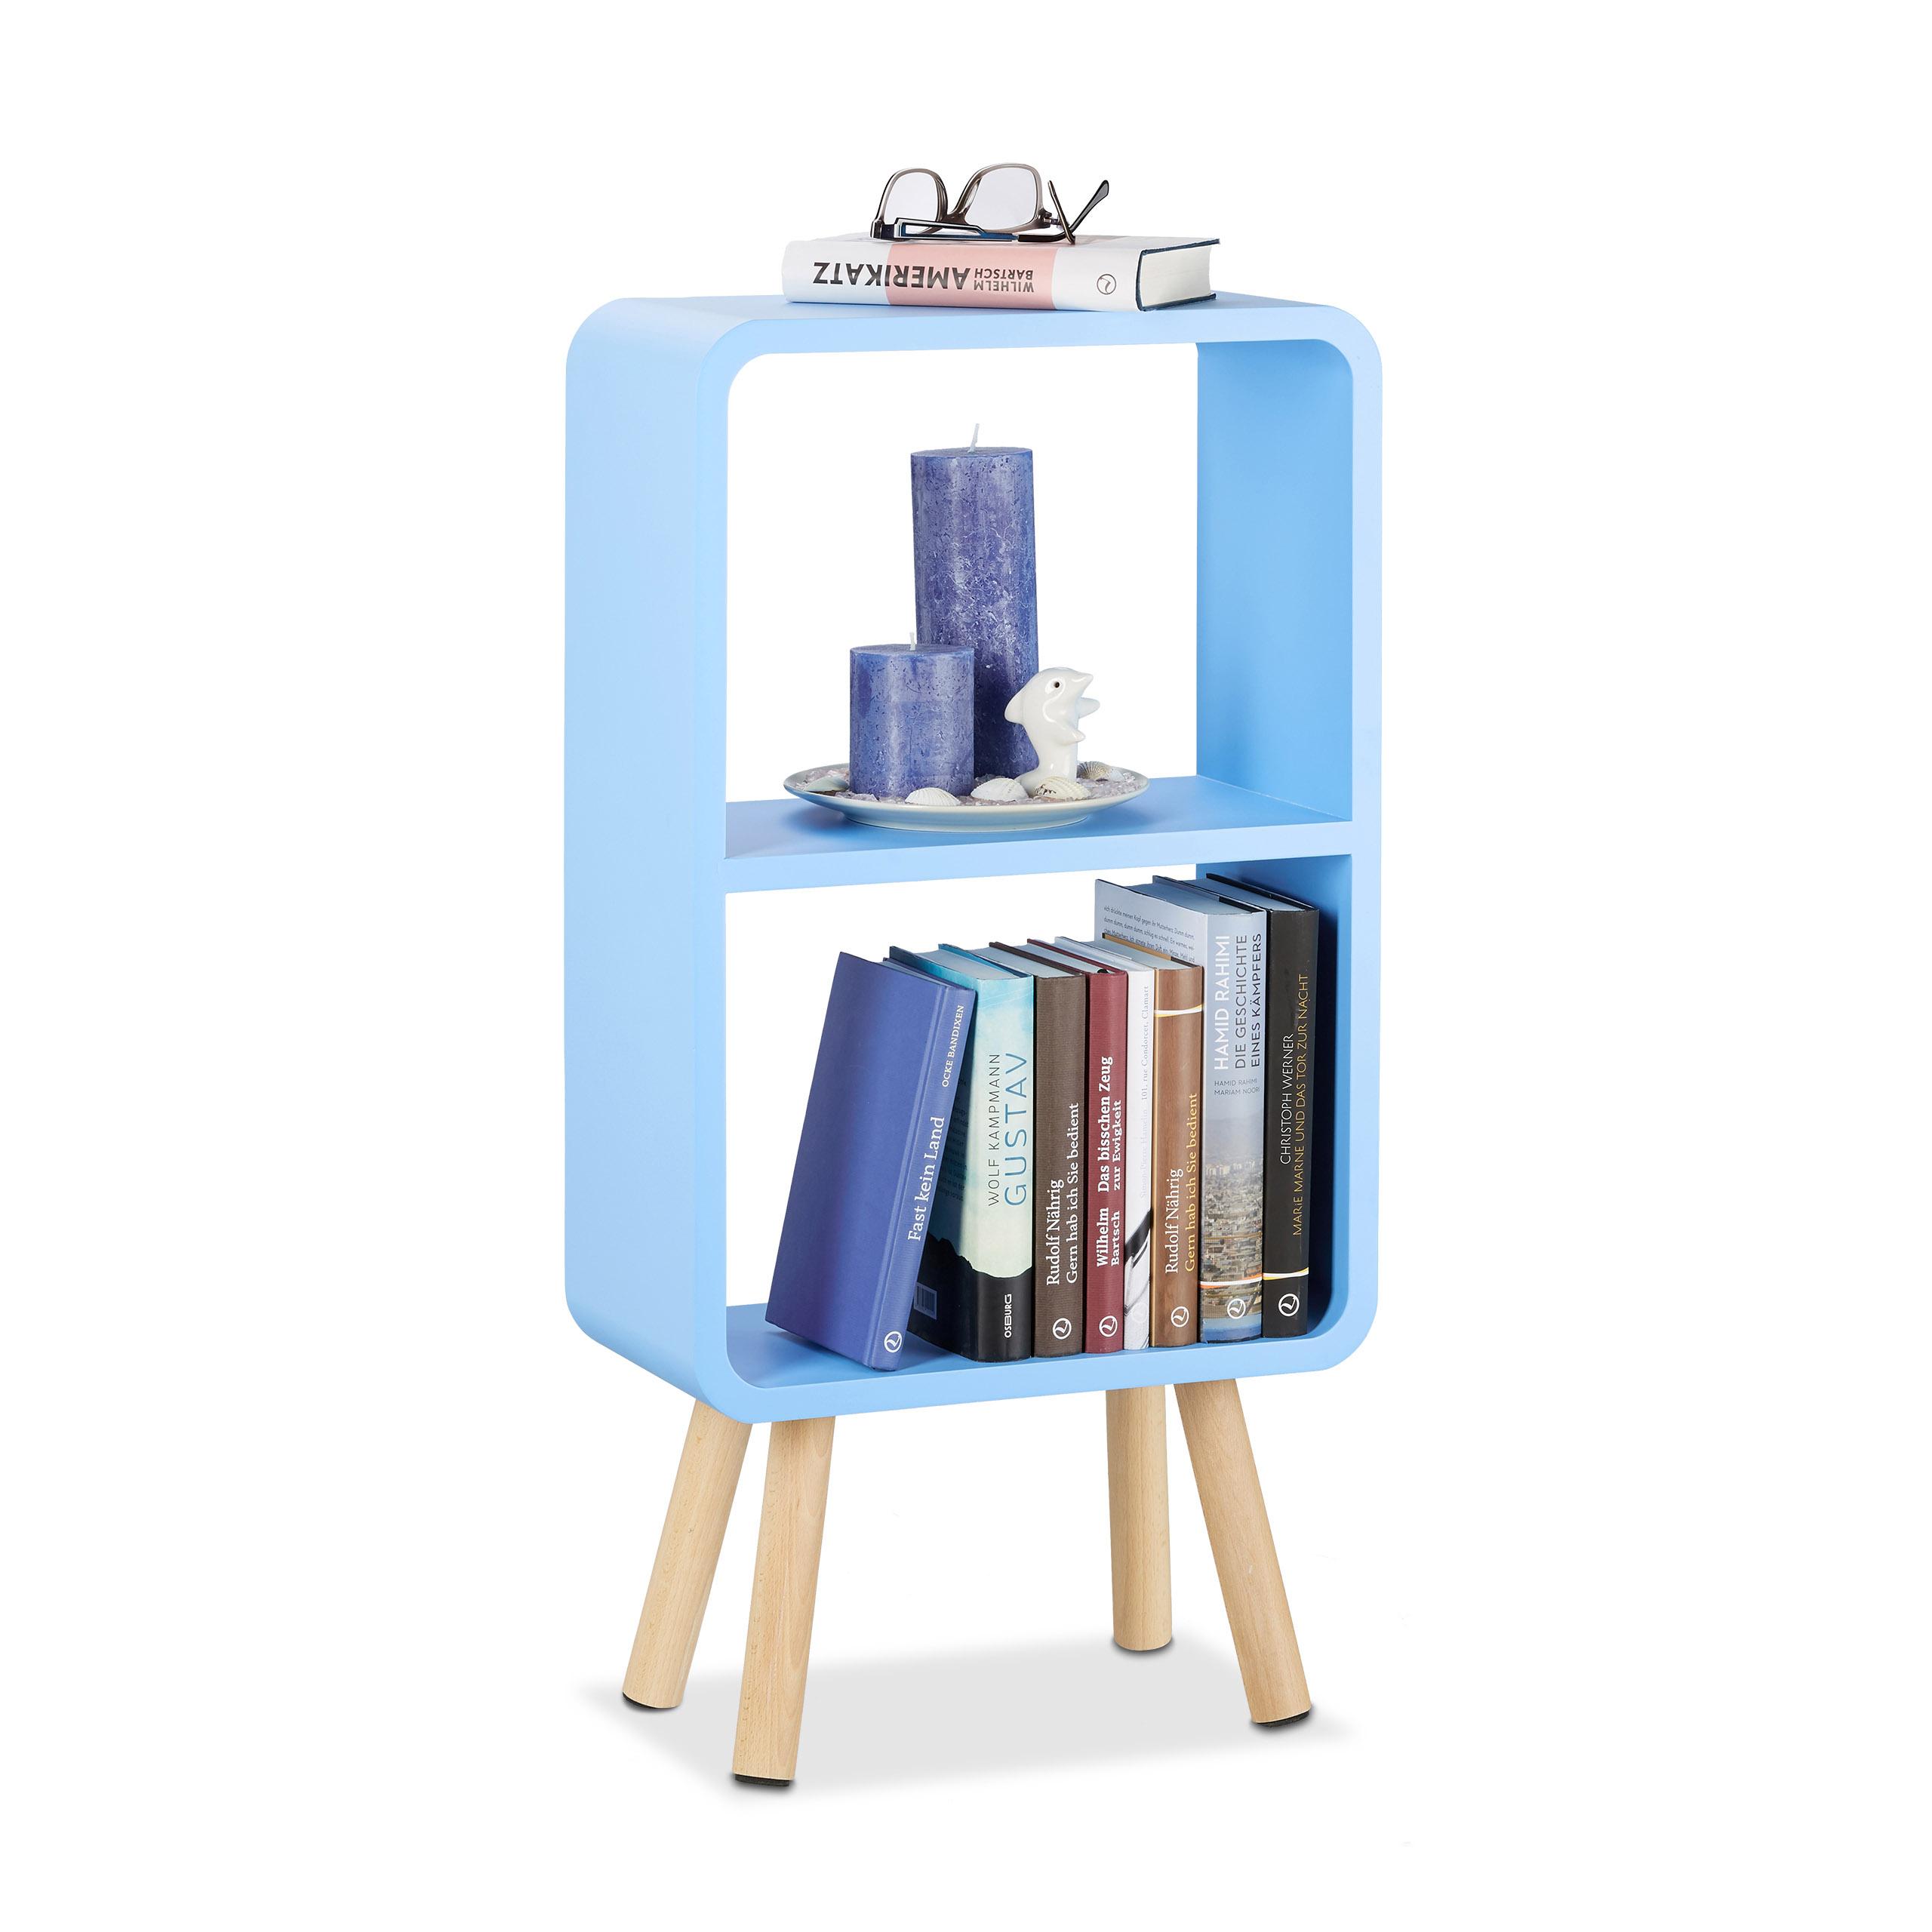 Wohnzimmer Regal mit Holzbeinen violett Relaxdays Standregal mit 2 F/ächern schmales B/ücherregal ohne Schubladen